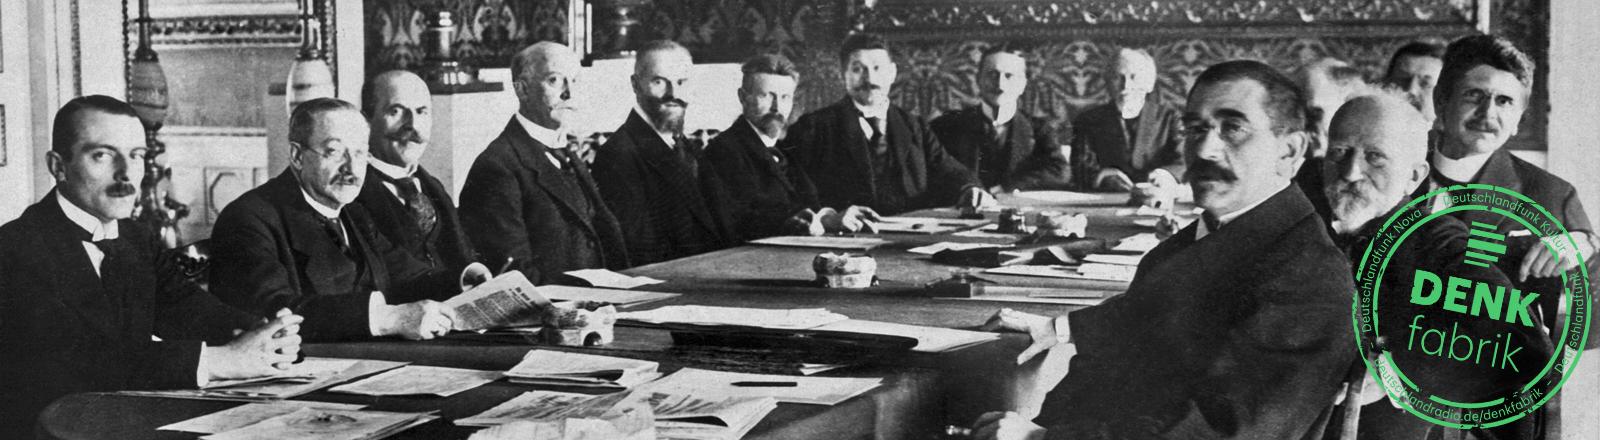 Alte Aufnahme zeigt Männer, die um einen großen Tisch sitzen.